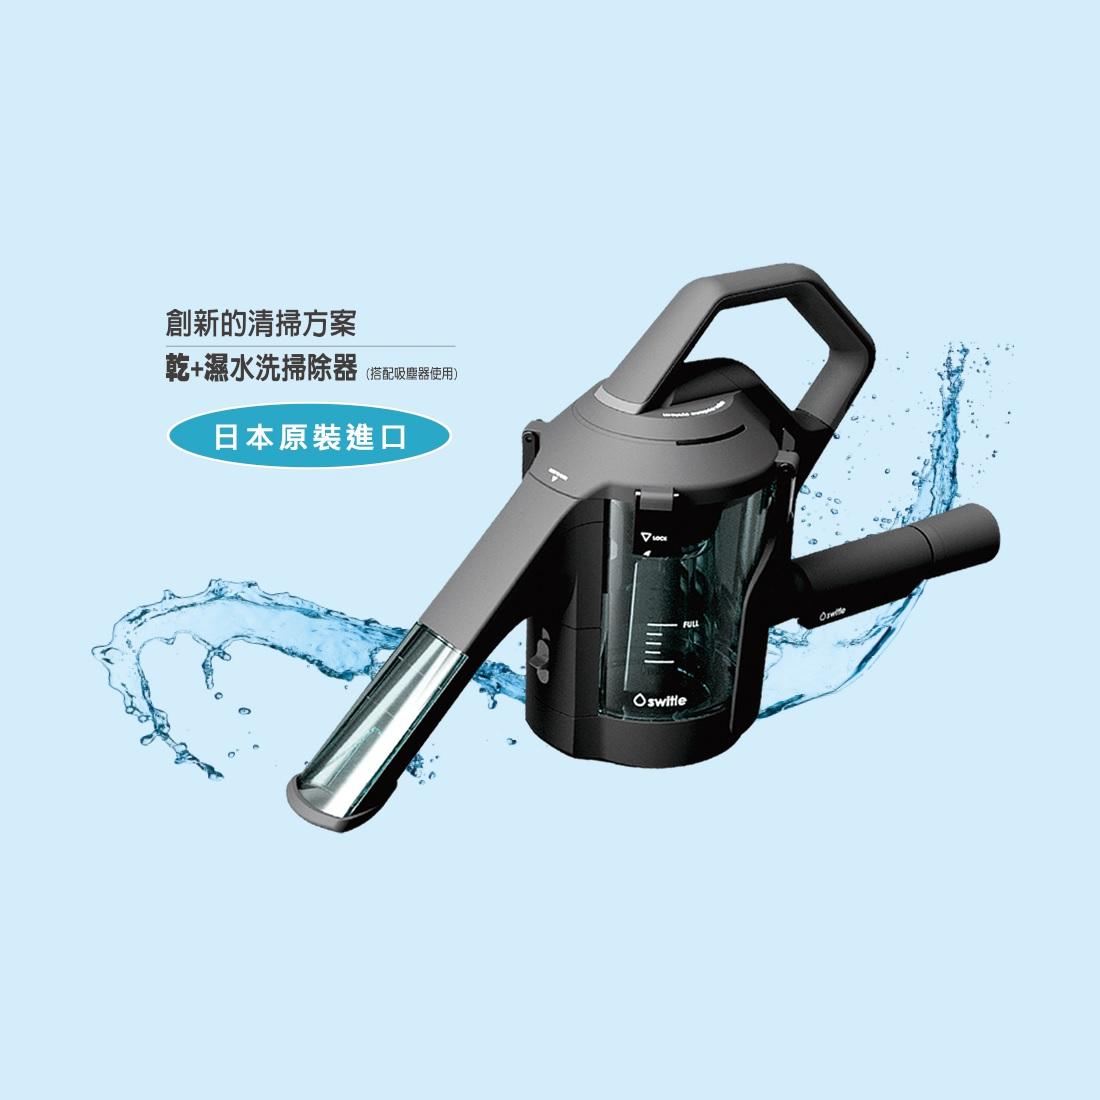 日本 switle 水洗掃除器 SWT-JT500(K)可水洗式吸頭組件